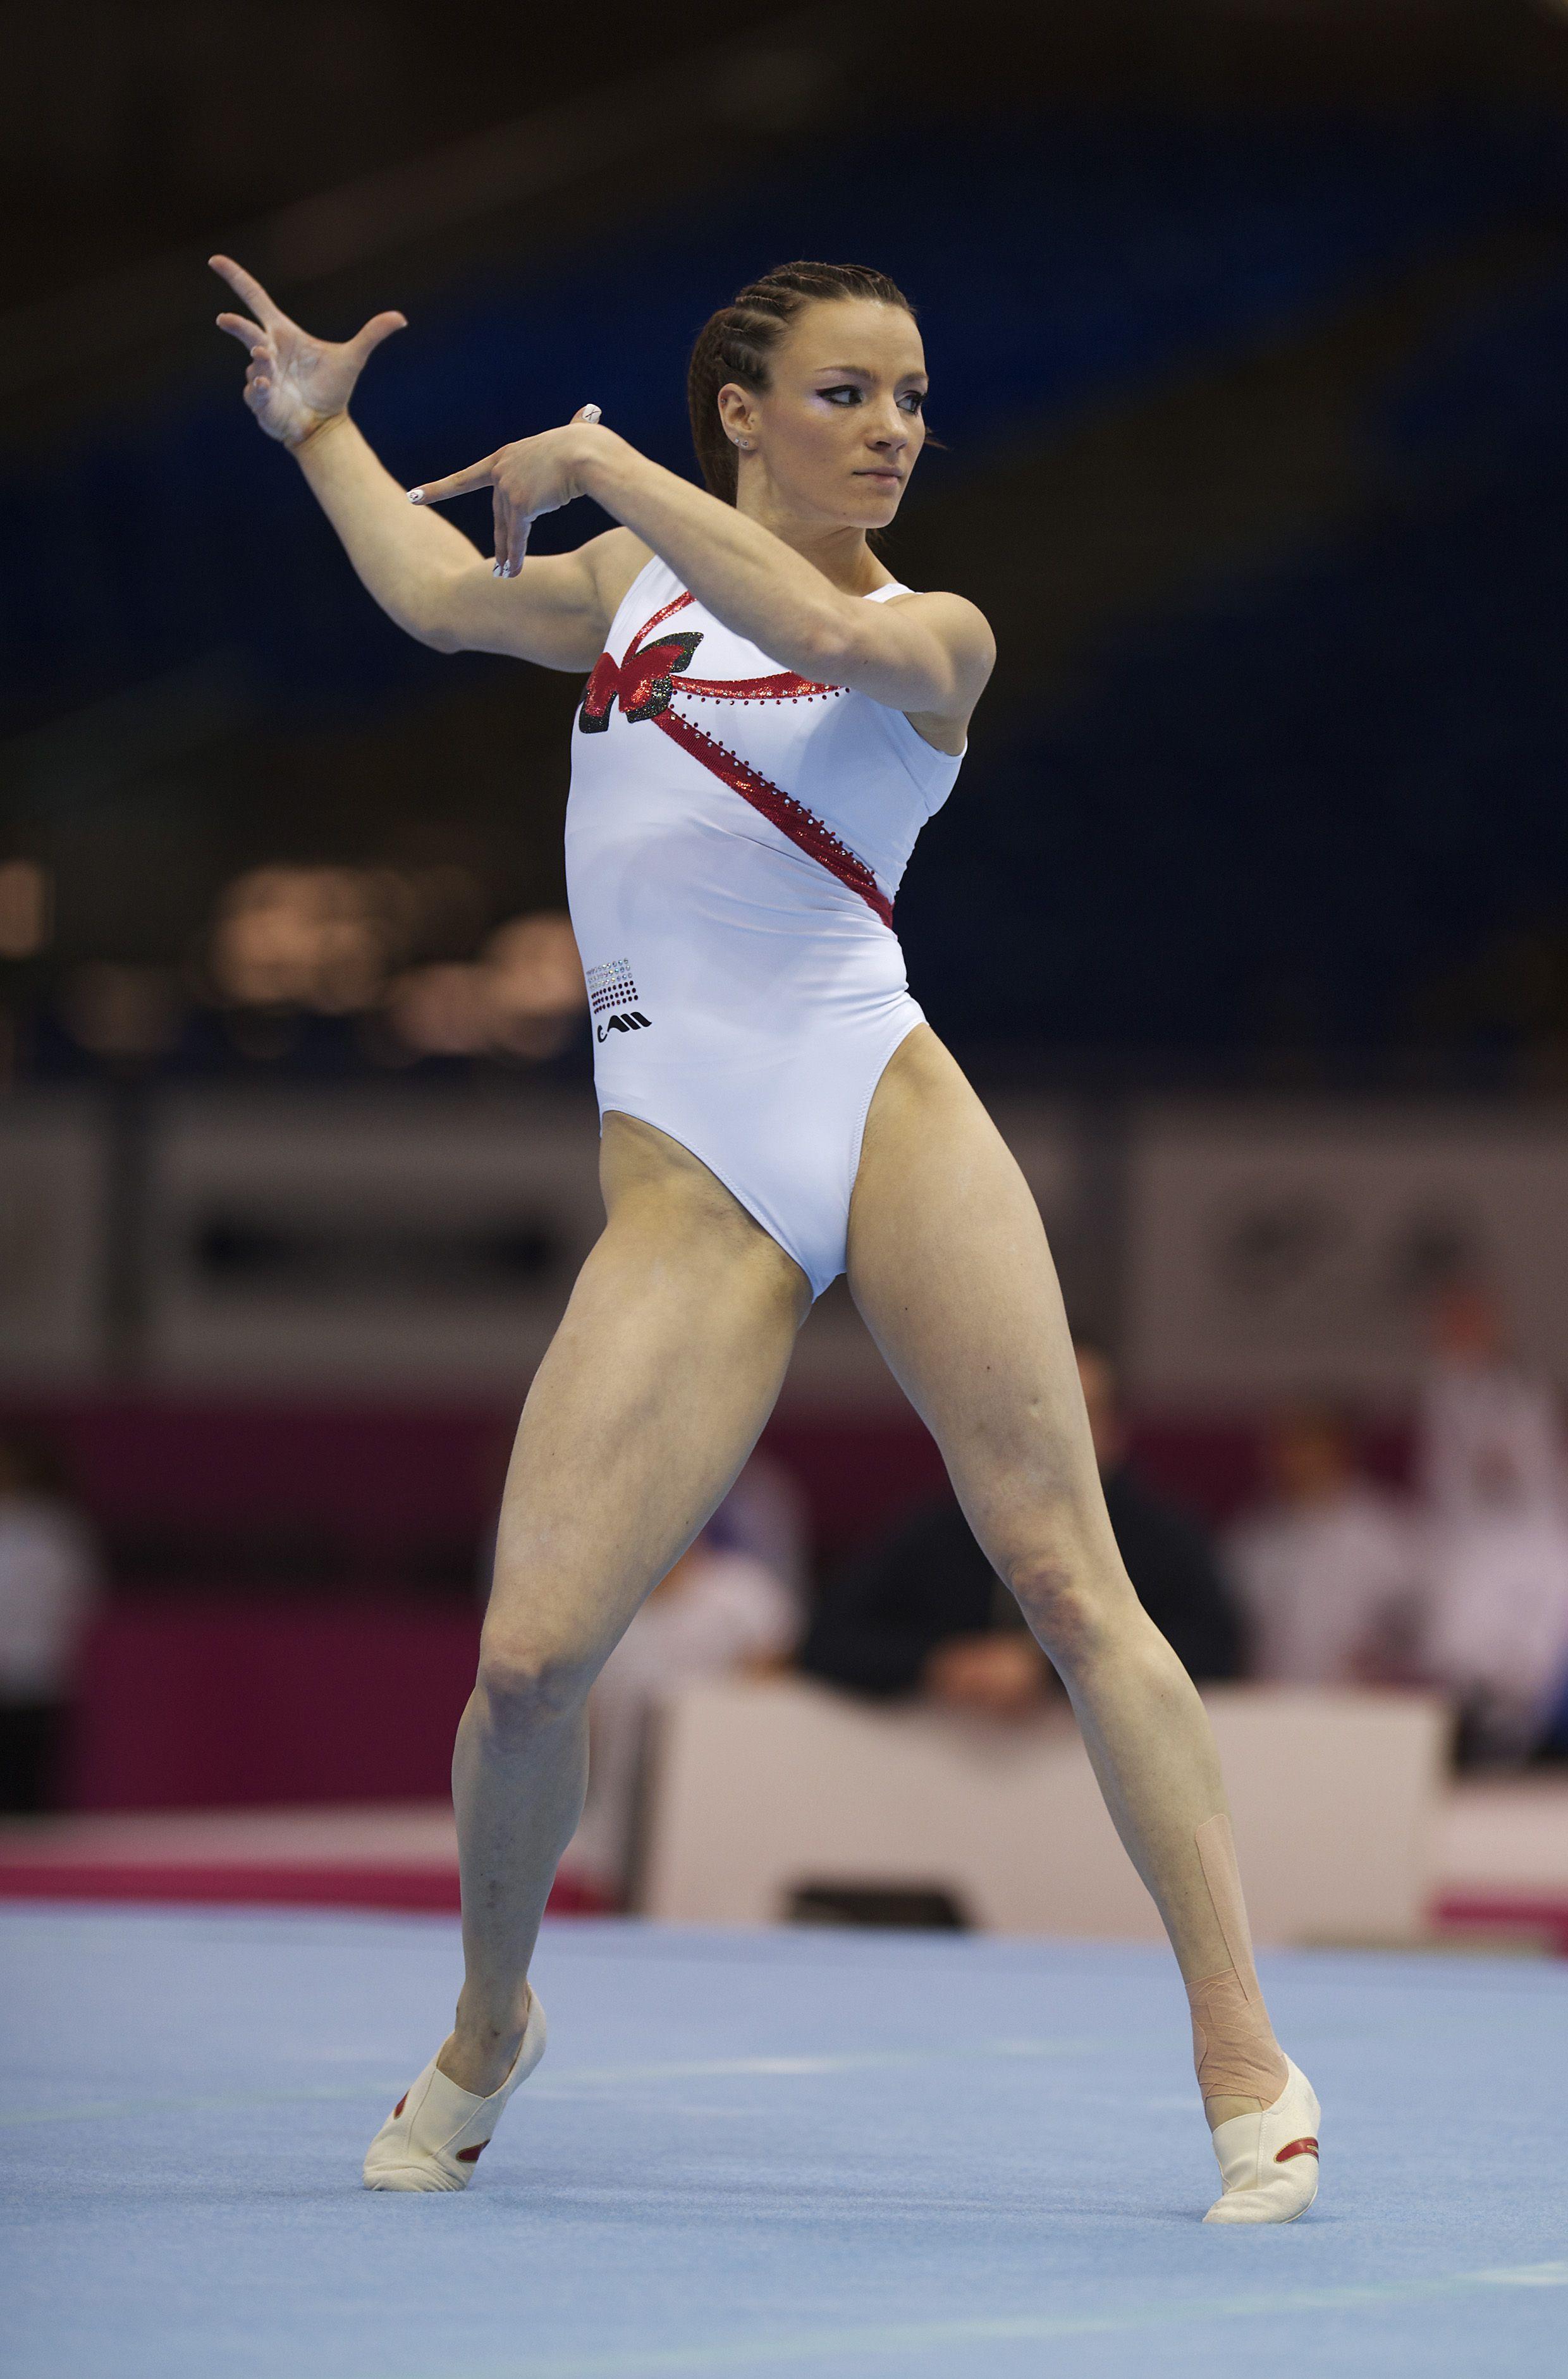 womens gymnastics pics tits